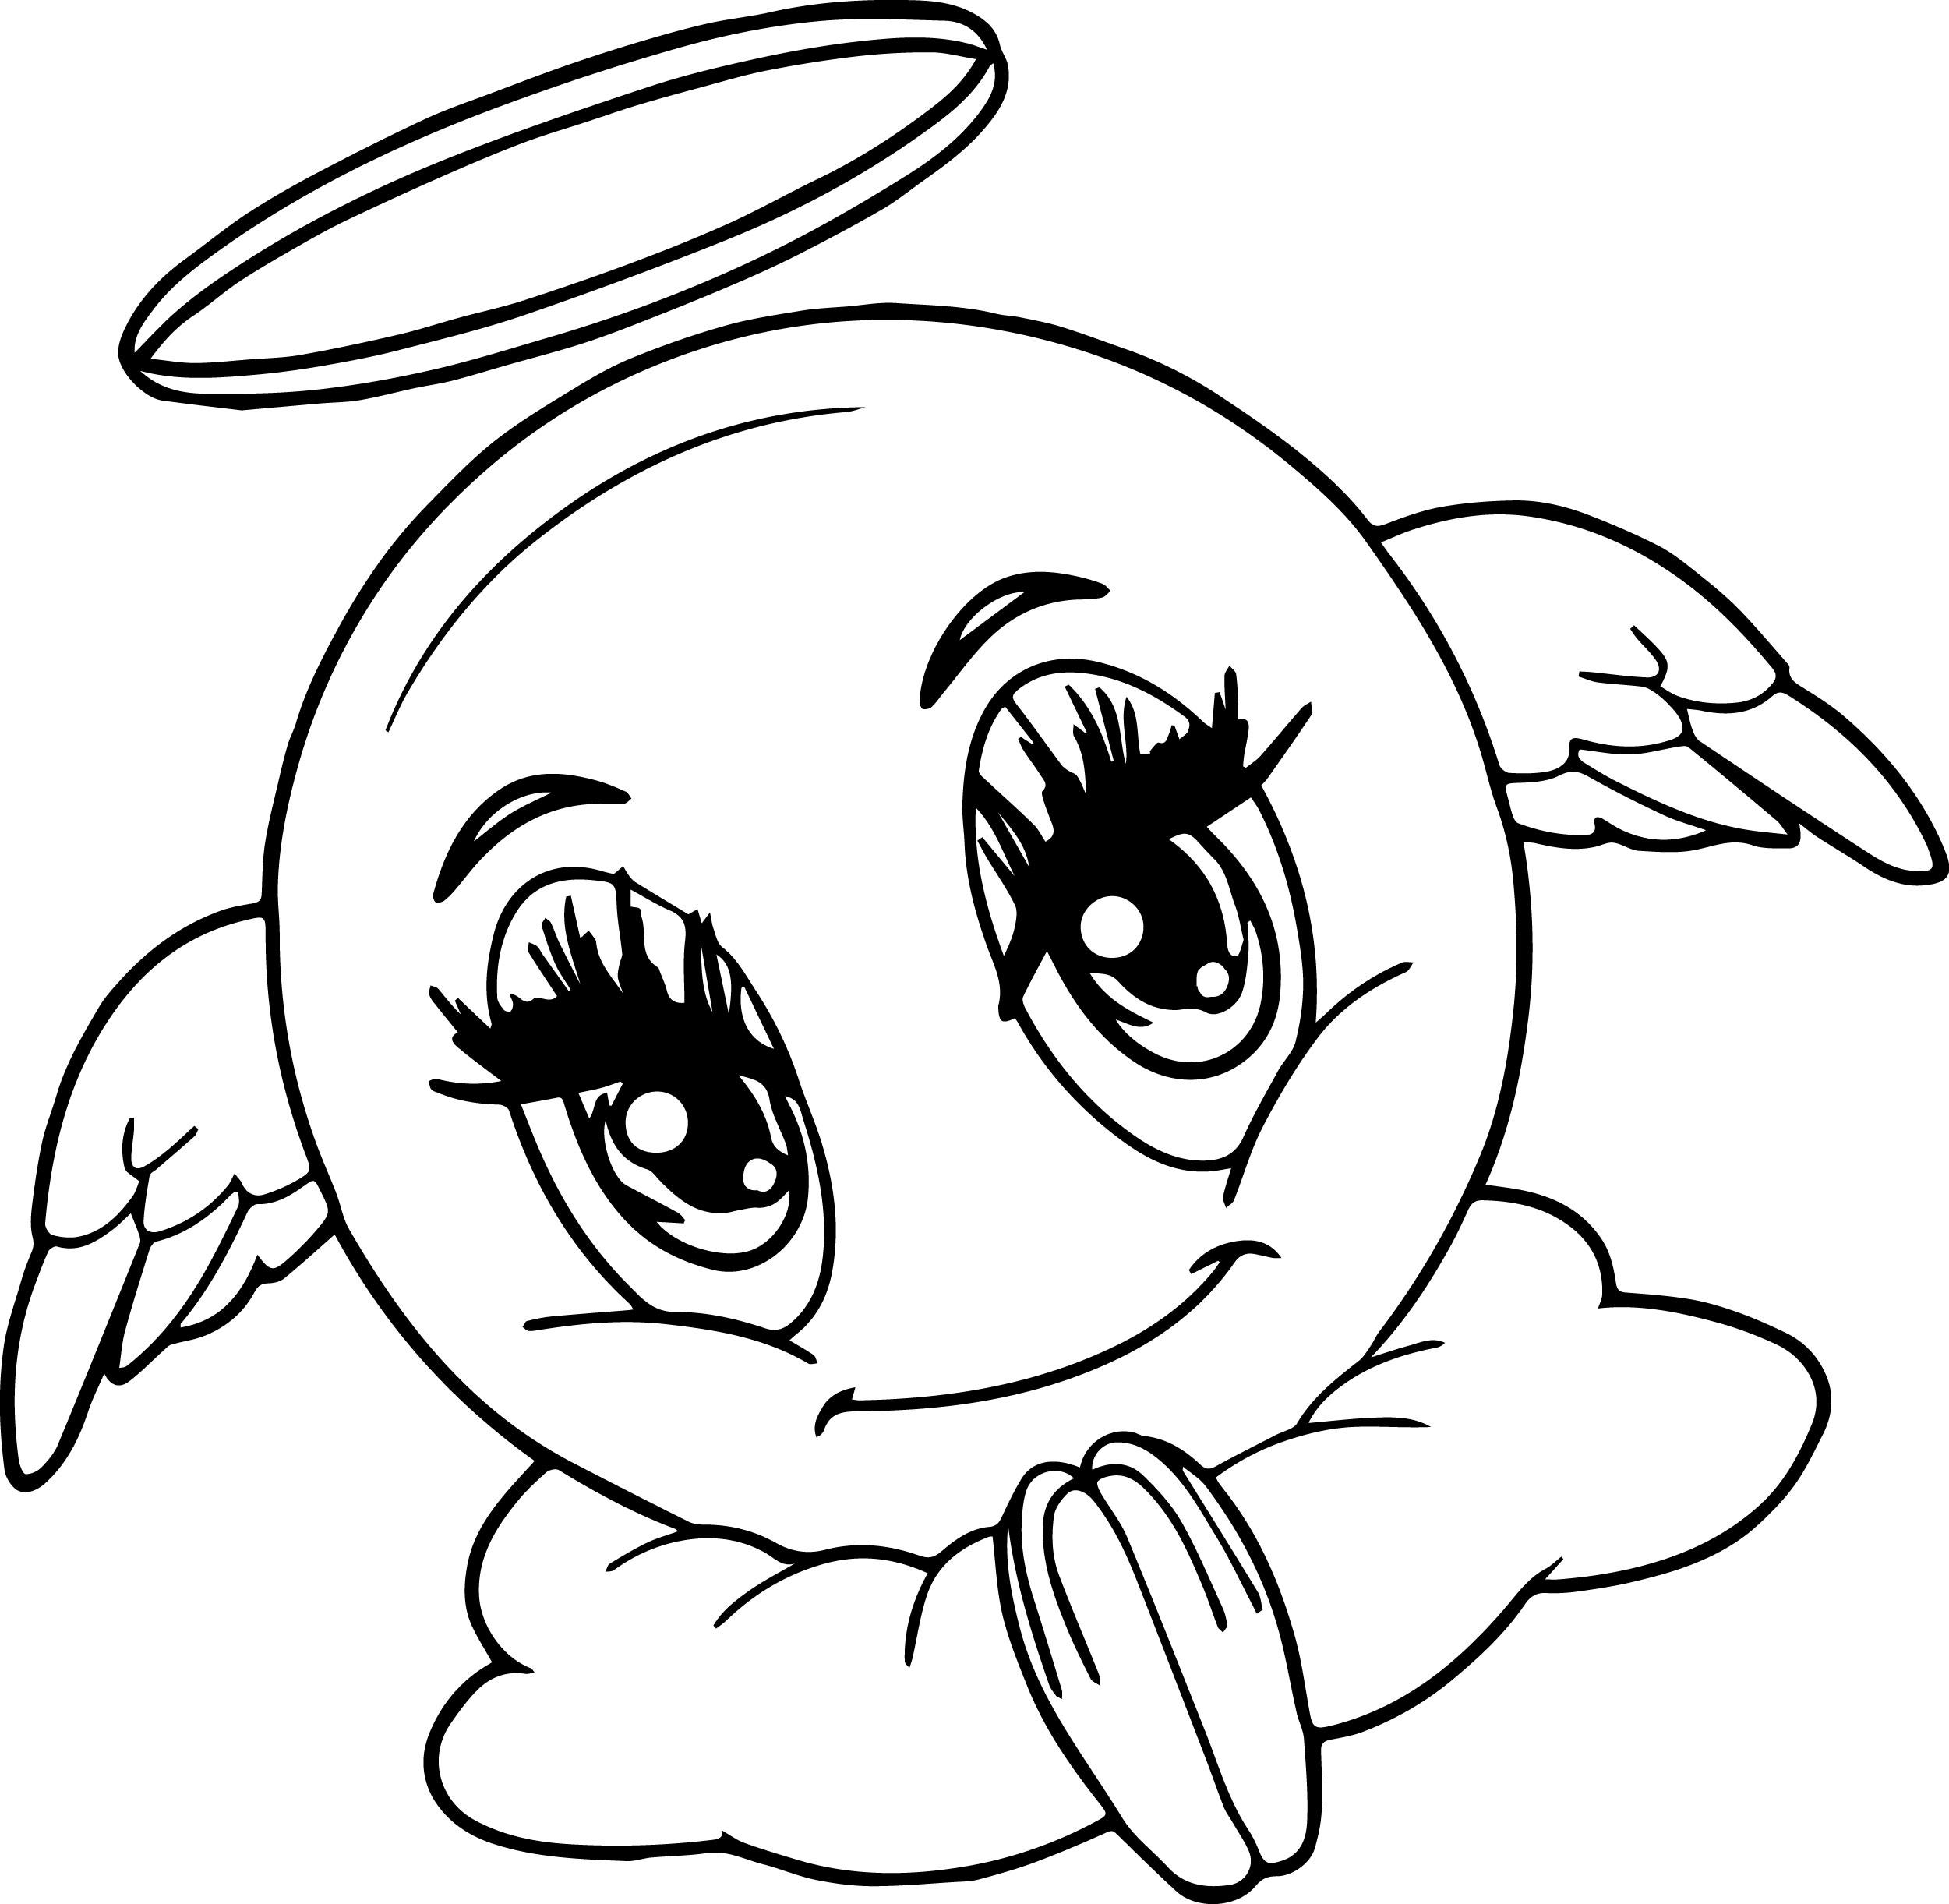 2501x2443 Practical Poop Emoji Coloring Page Pages Best